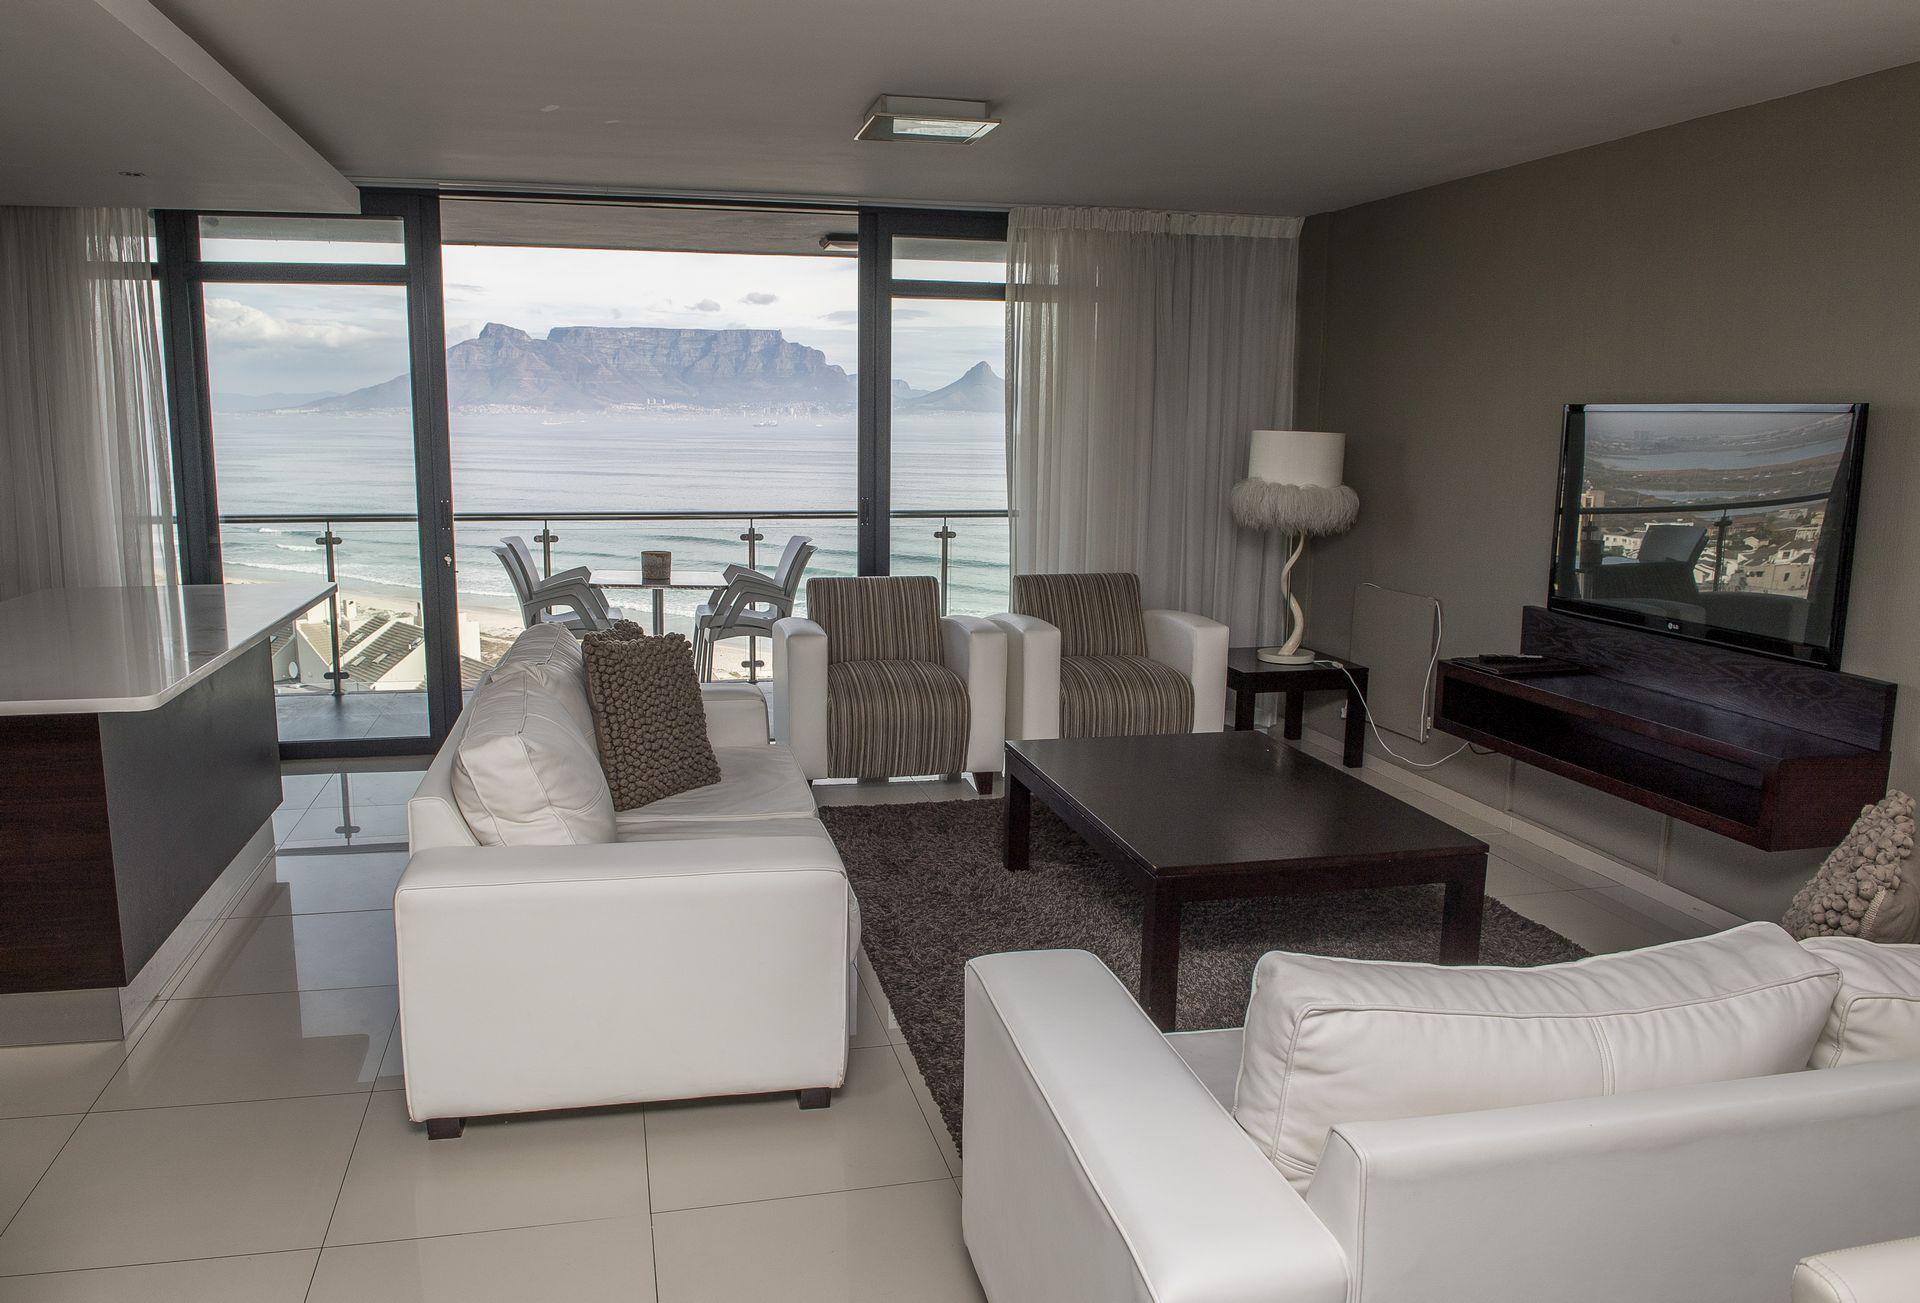 Aquarius Premium Three Bedroom Suite in Bloubergstrand, Cape Town